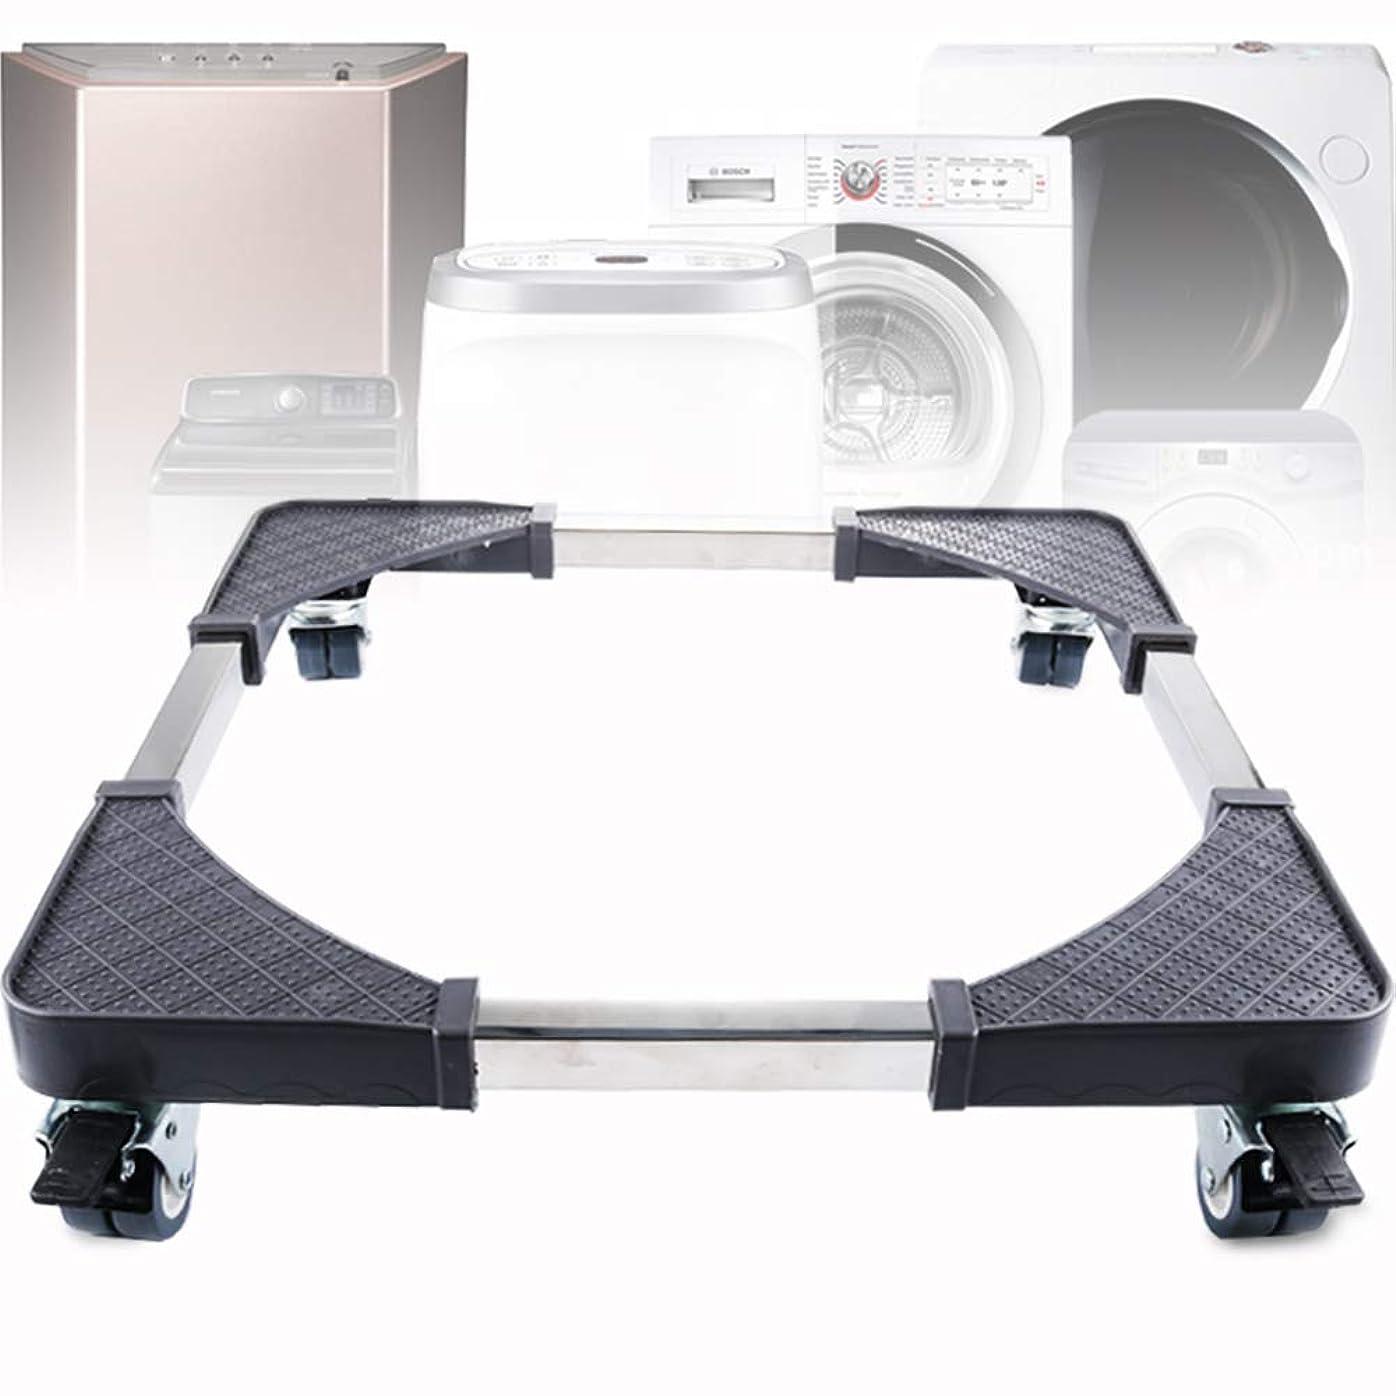 卒業記念アルバム挑む露骨な洗濯機 冷蔵庫 置き台 洗濯機 かさ上げ台 しっかりベース 伸縮式 騒音対策 減音効果 調節可能 耐荷重300kg 多機能 ステンレス製 耐久性